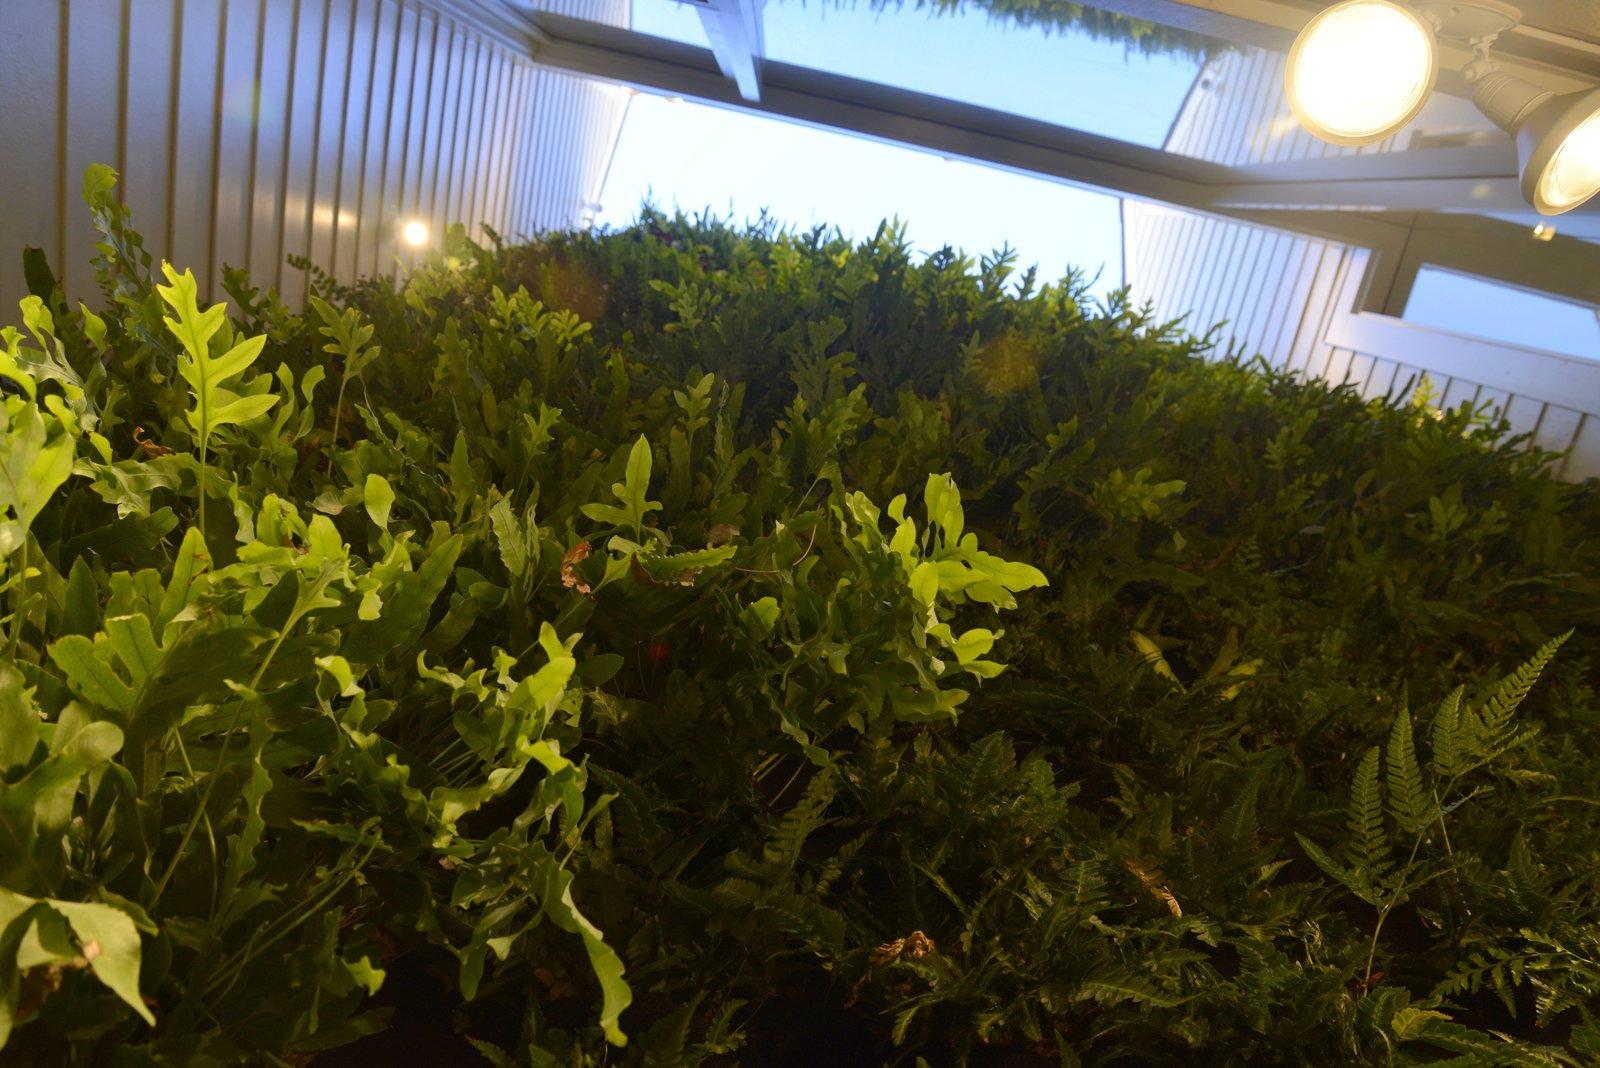 Florafelt-Vertical-Garden-Living-Wall-Belevedere-Street-10-_CJB3506.JPG